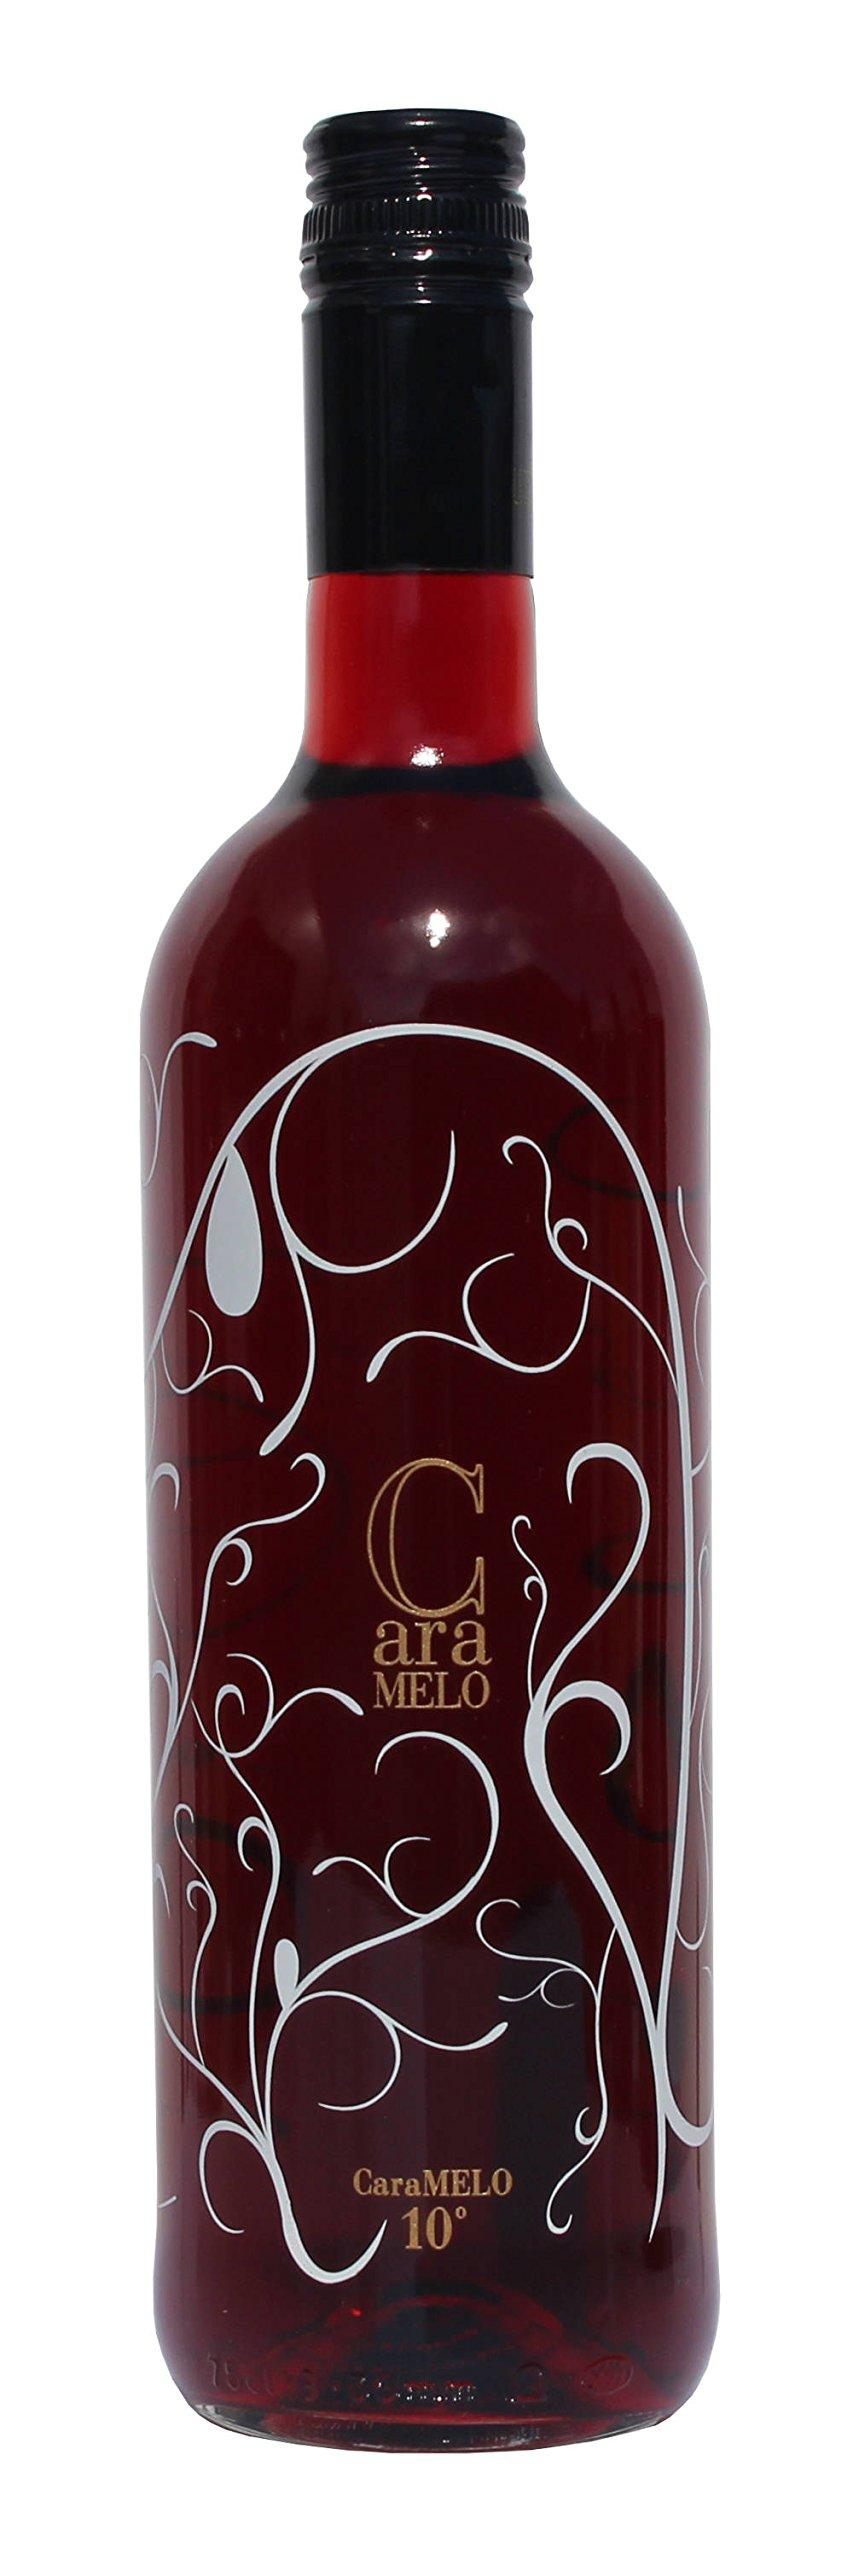 Caramelo-Rot-lieblich-750ml10-Tsantali-lieblicher-griechischer-ser-Rotwein-aus-Griechenland